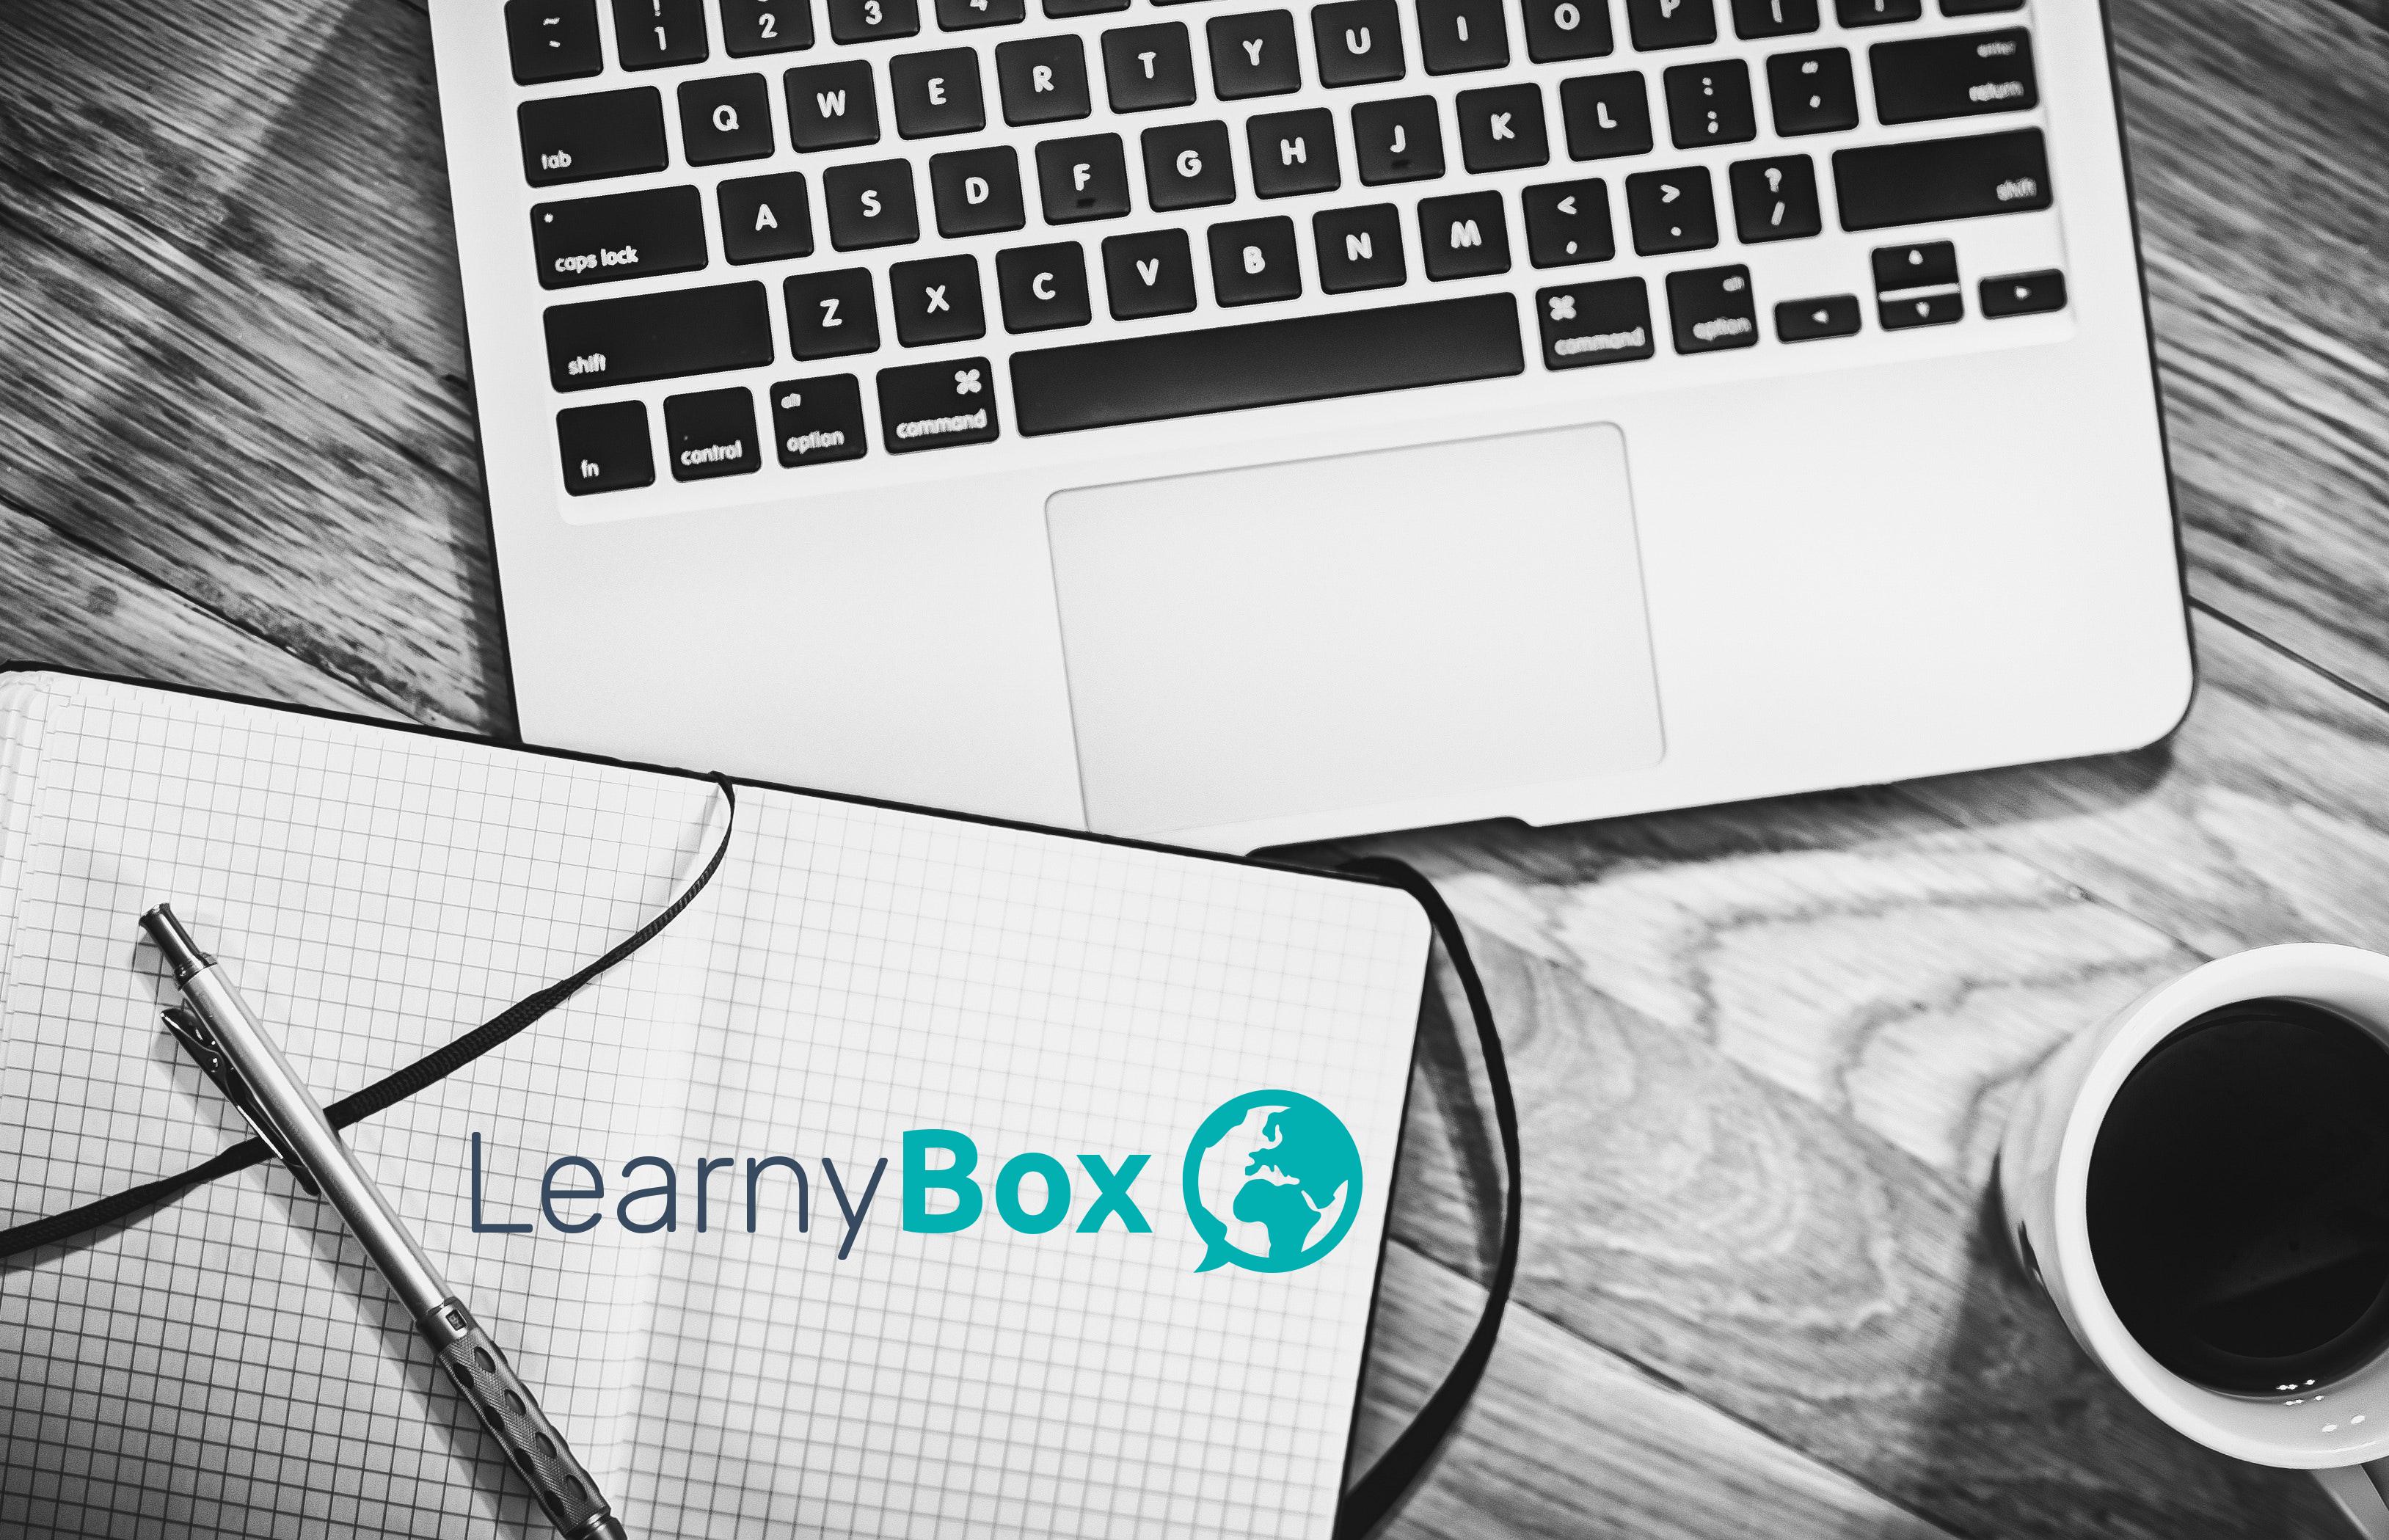 Créer son blog facilement grâce à LearnyBox